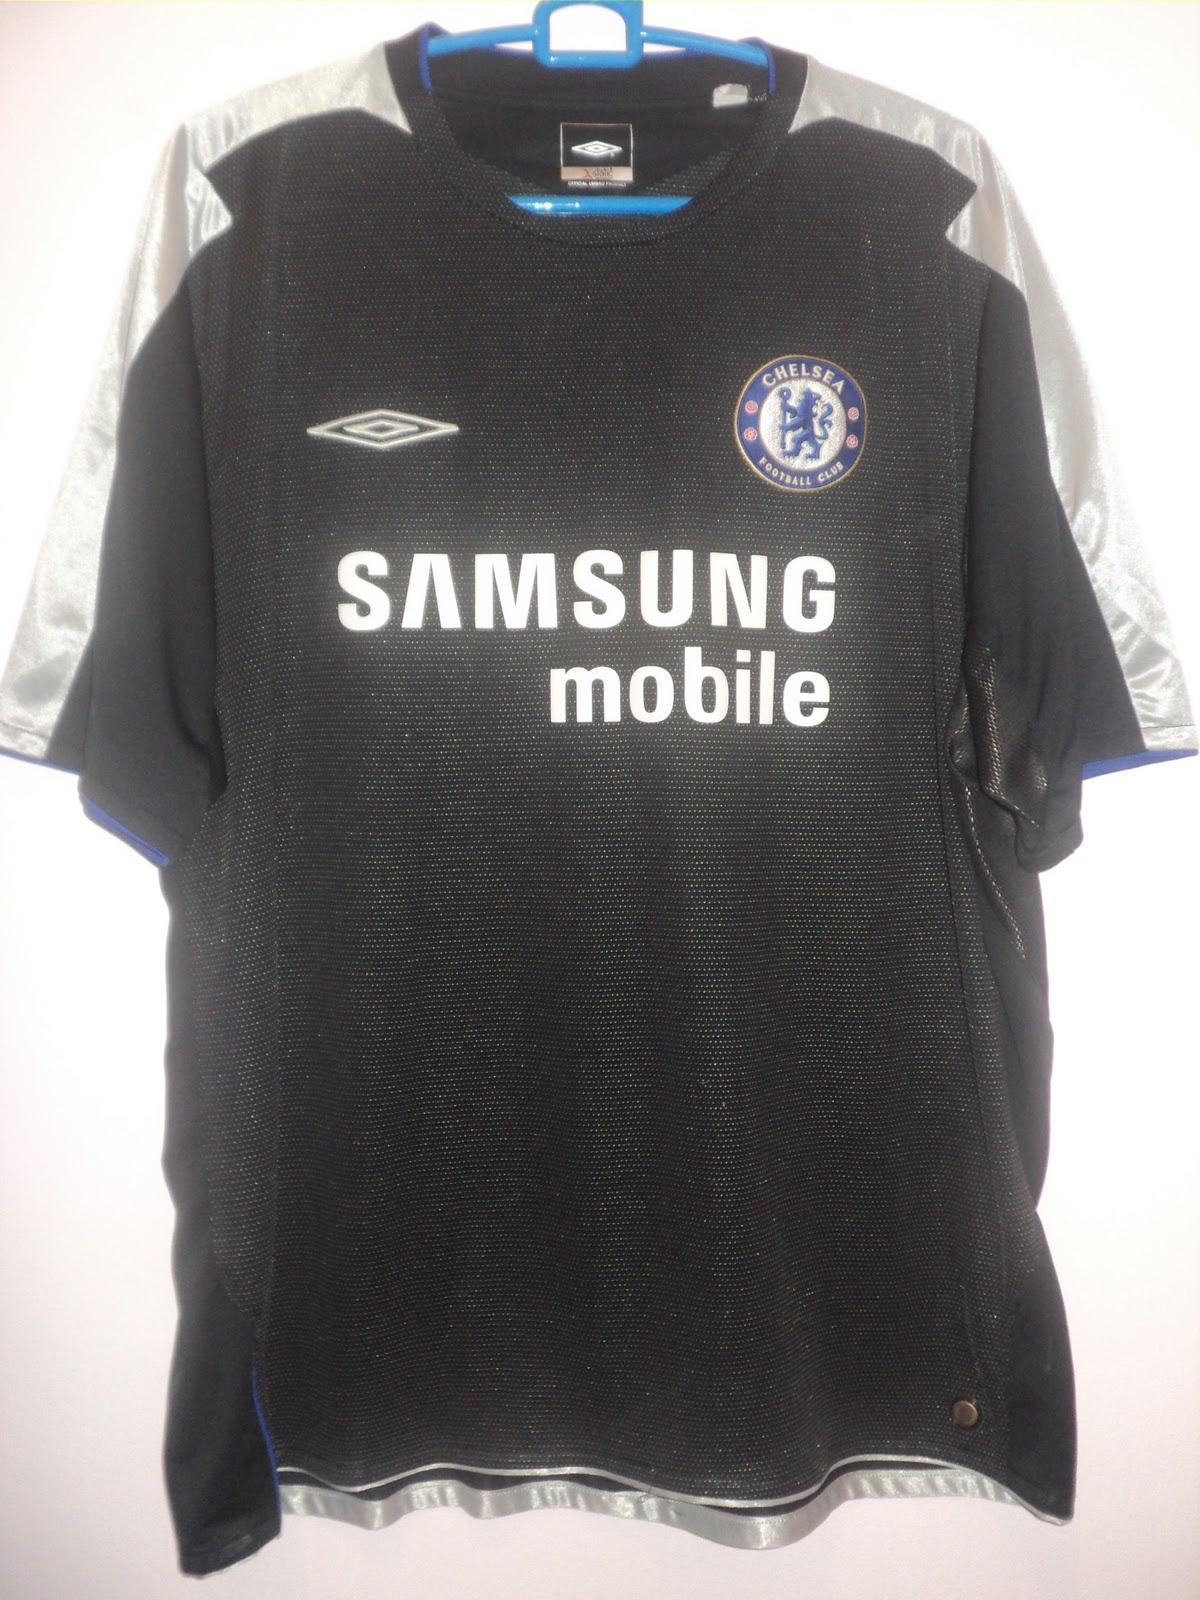 best service afc2c 83c25 Jeff Karim's Blog - JAS.MY: 2005-06 Chelsea Third Shirt